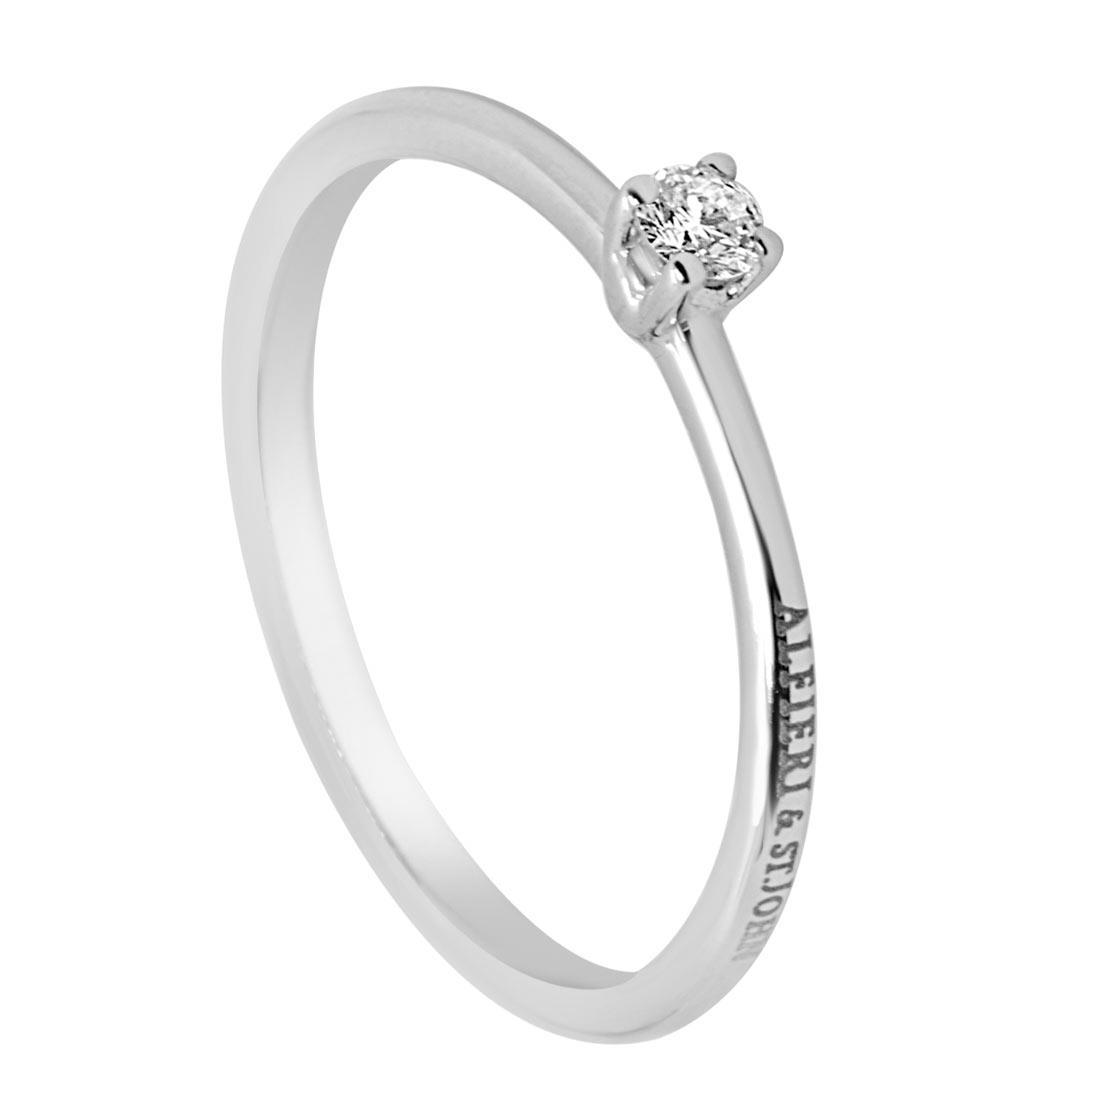 Anello solitario in oro bianco con diamante 0,08 ct mis 14 - ALFIERI ST JOHN